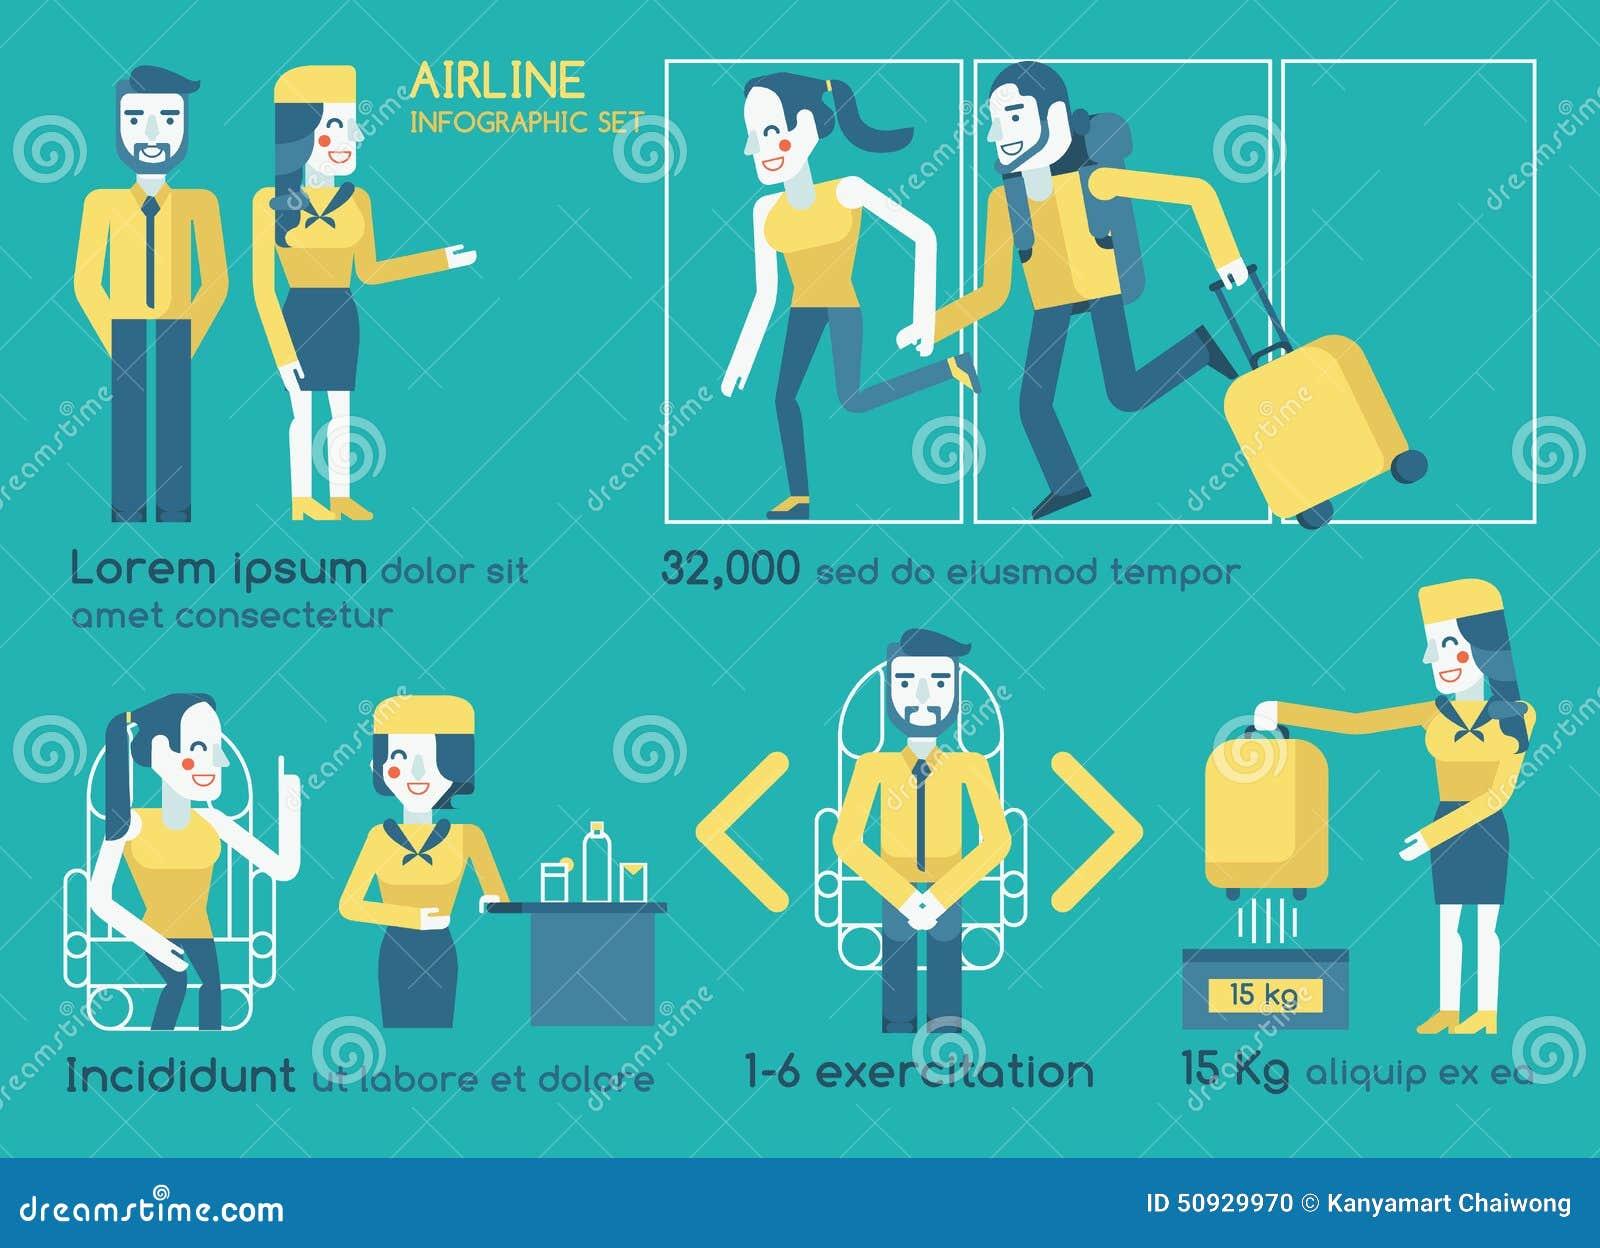 Infographics de ligne aérienne